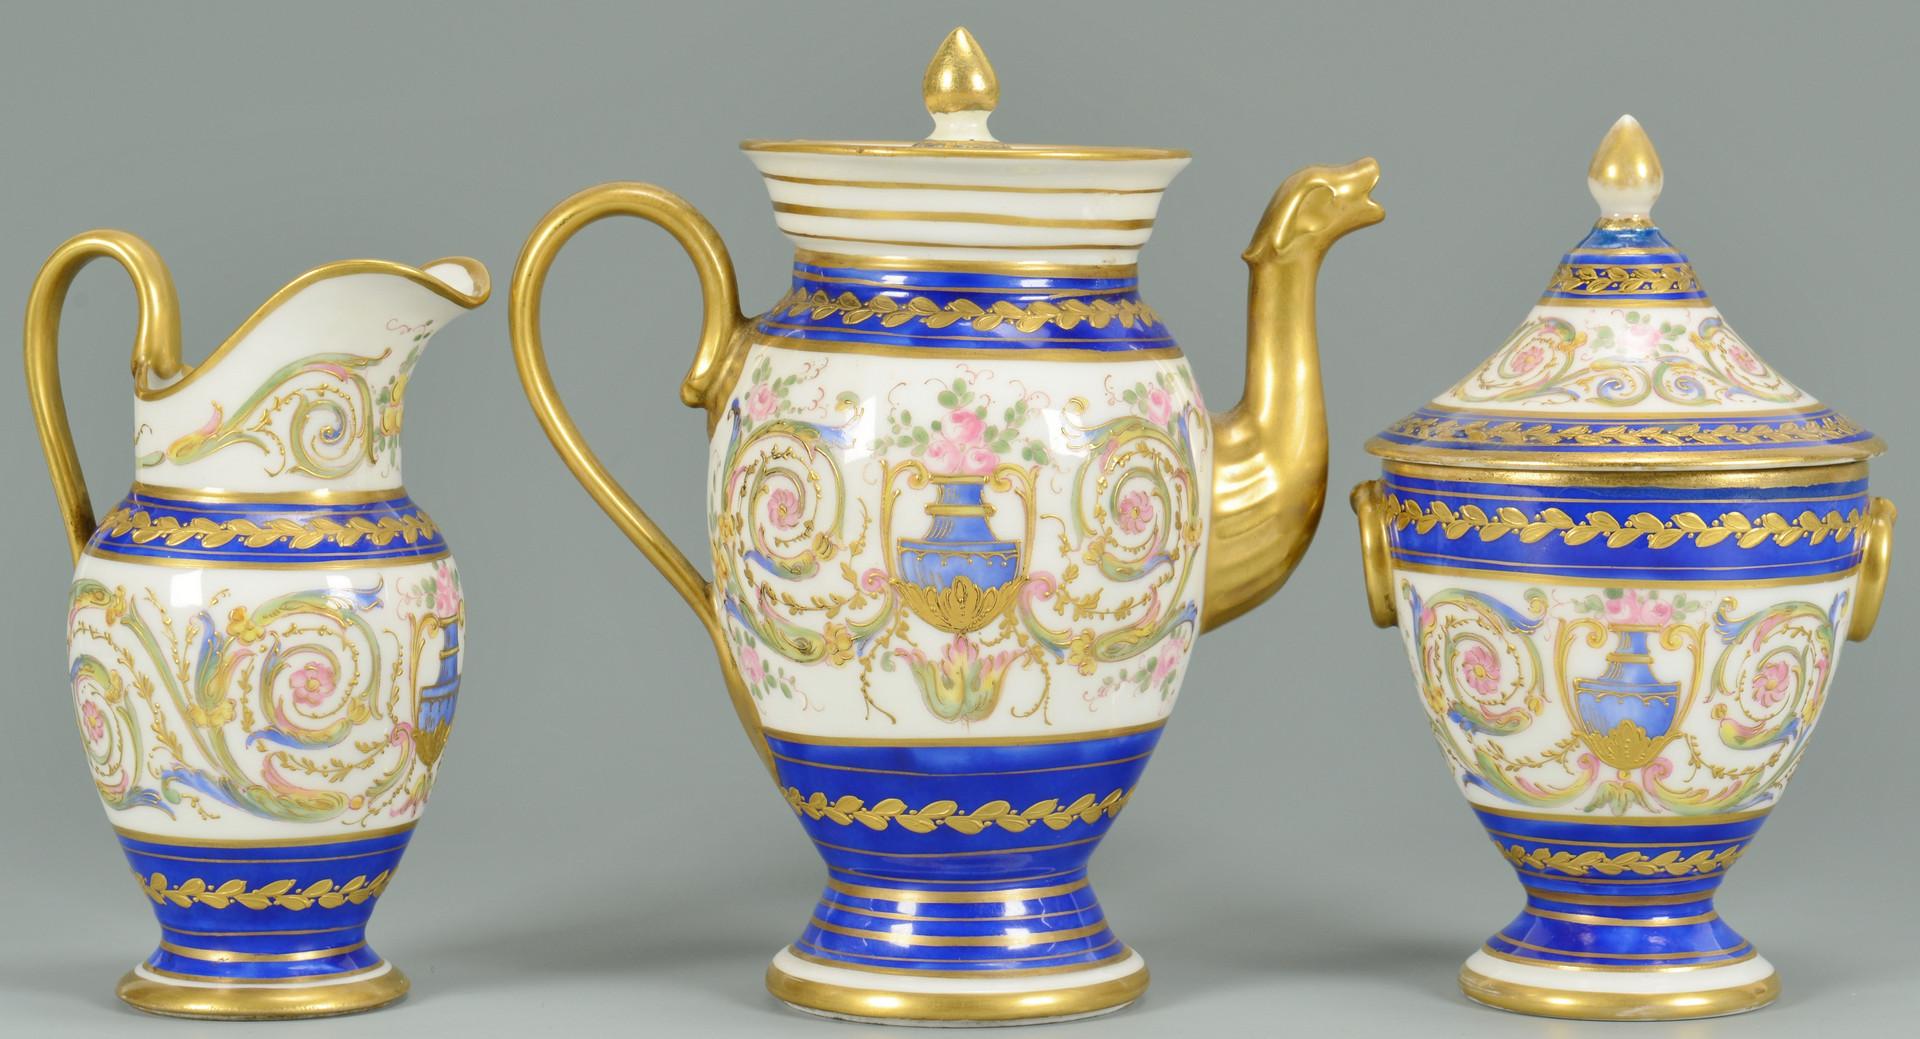 Lot 761: Group of European Porcelain, 5 pcs.